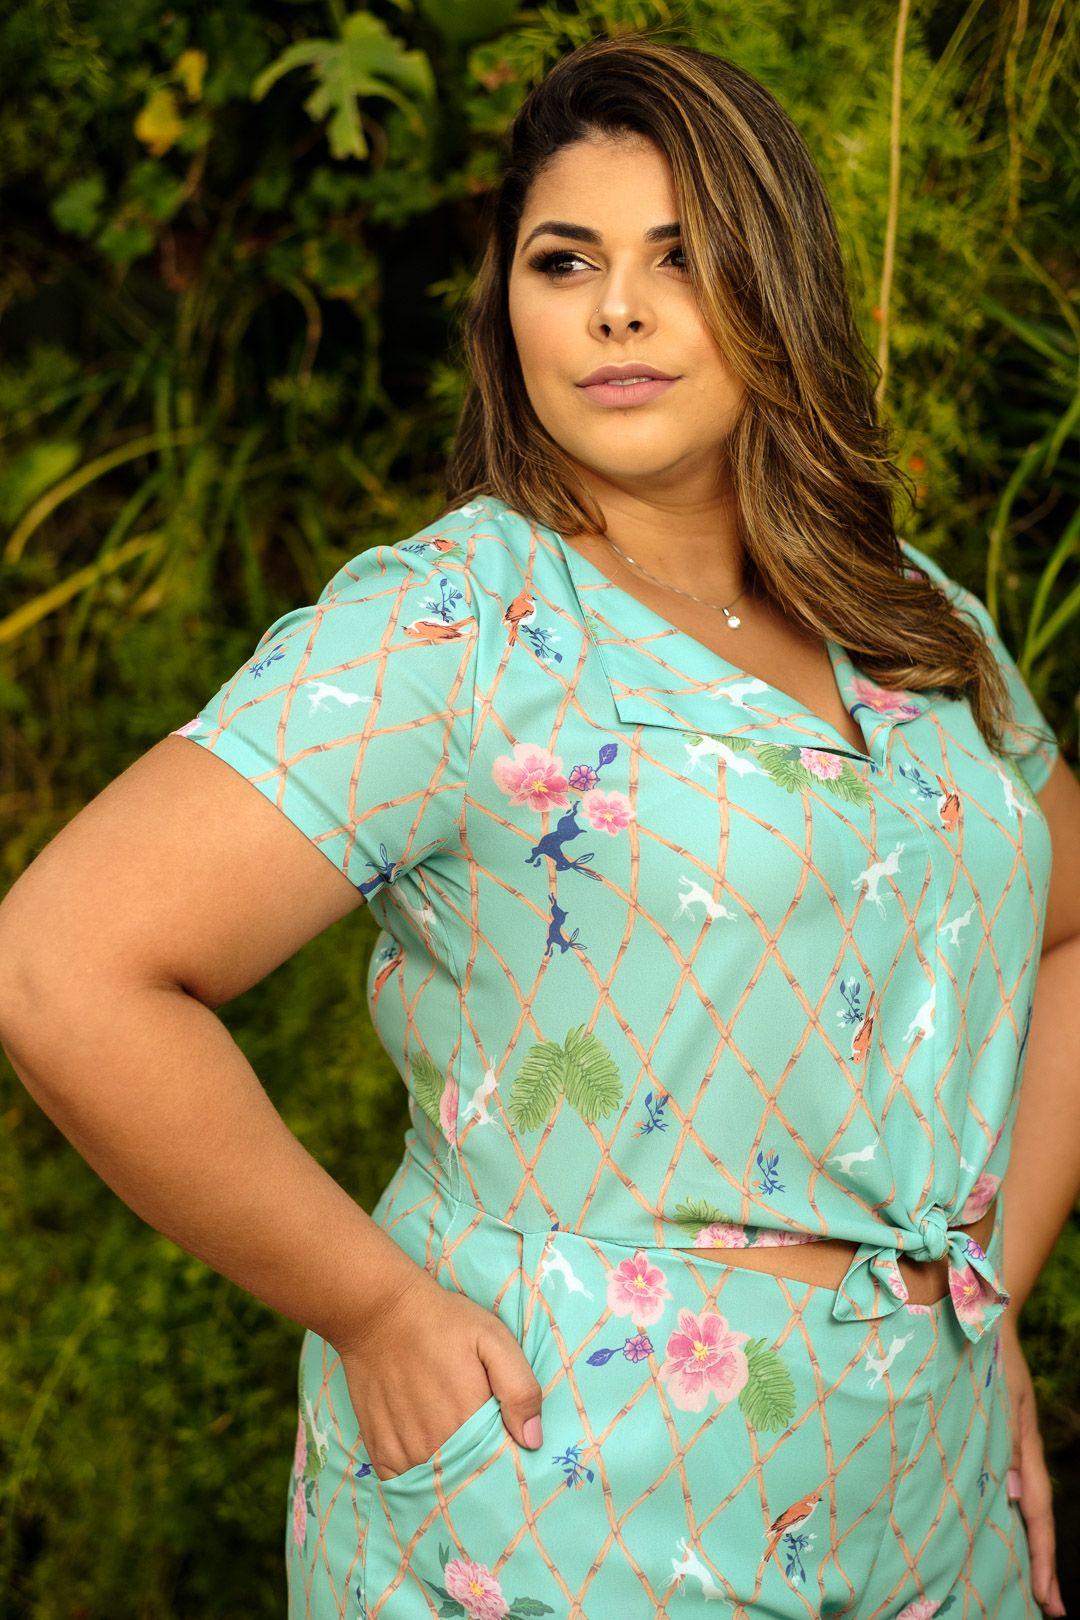 cefc326b33 macaquinho Plus Size estampado www.bellebellemodaplus.com.br Roupas Tamanhos  Grandes